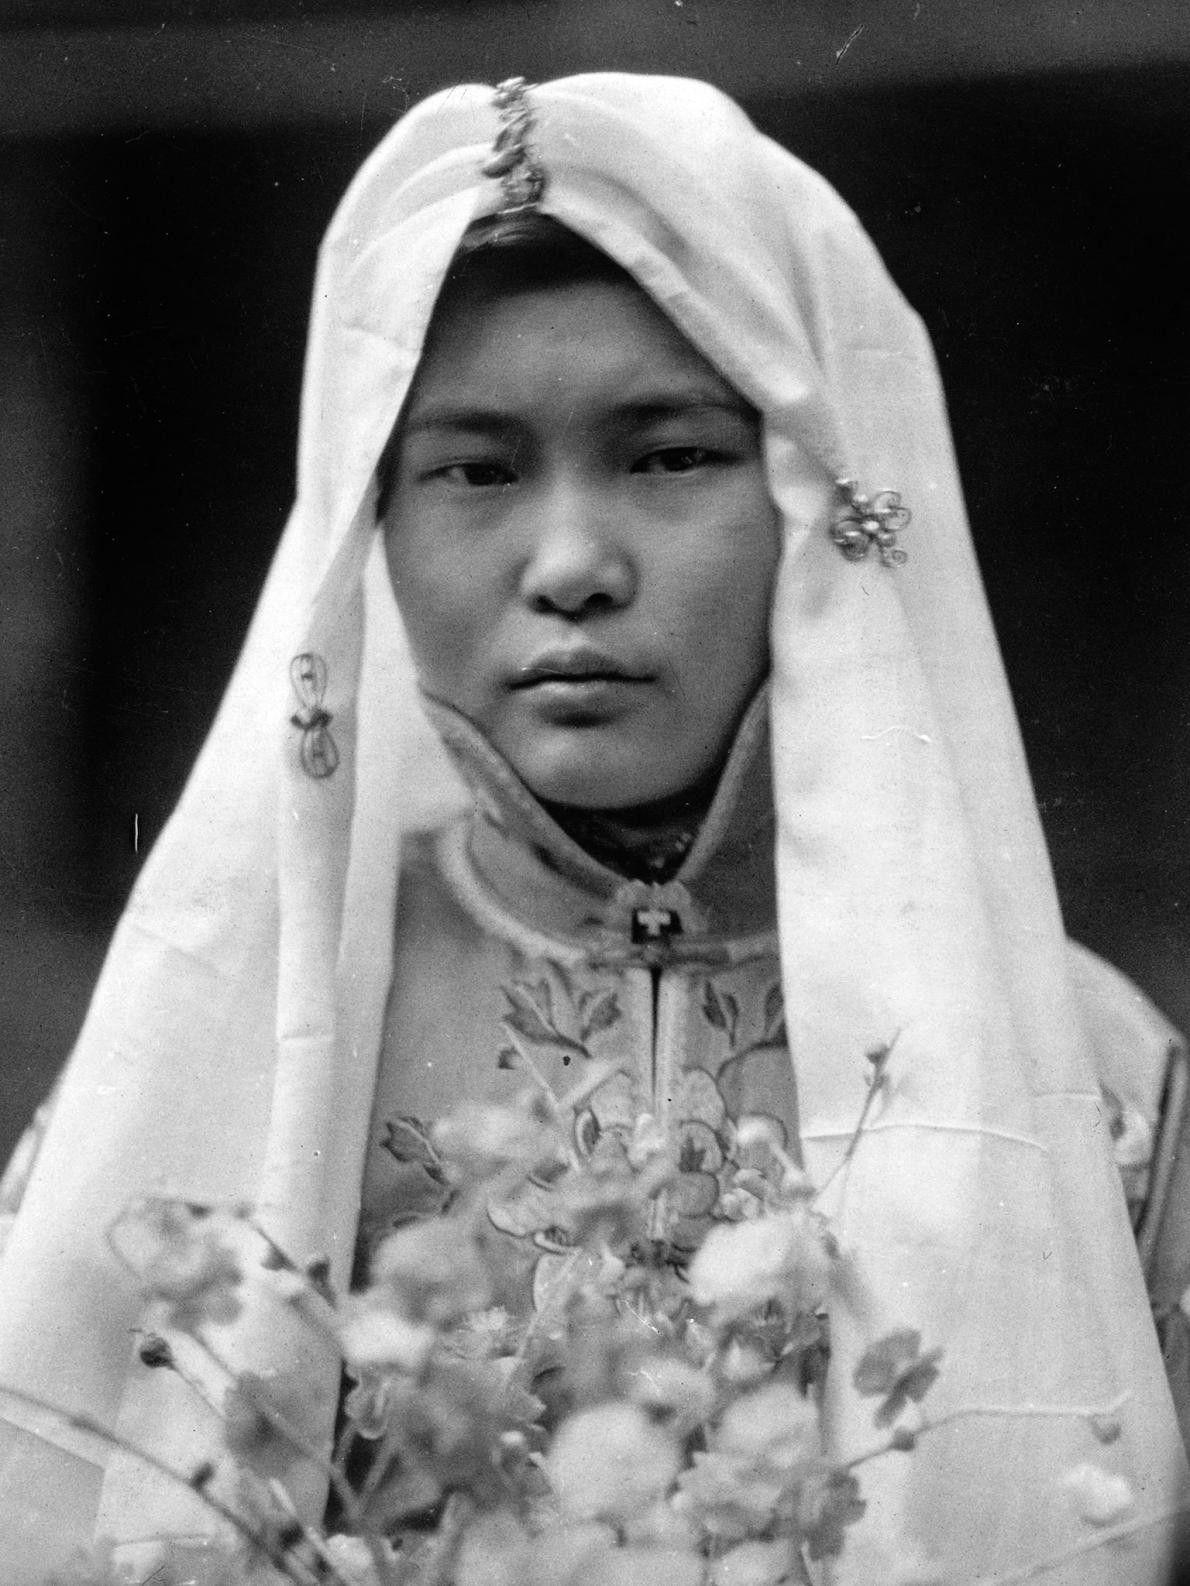 Noiva chinesa com buquê de flores. China, 1919.